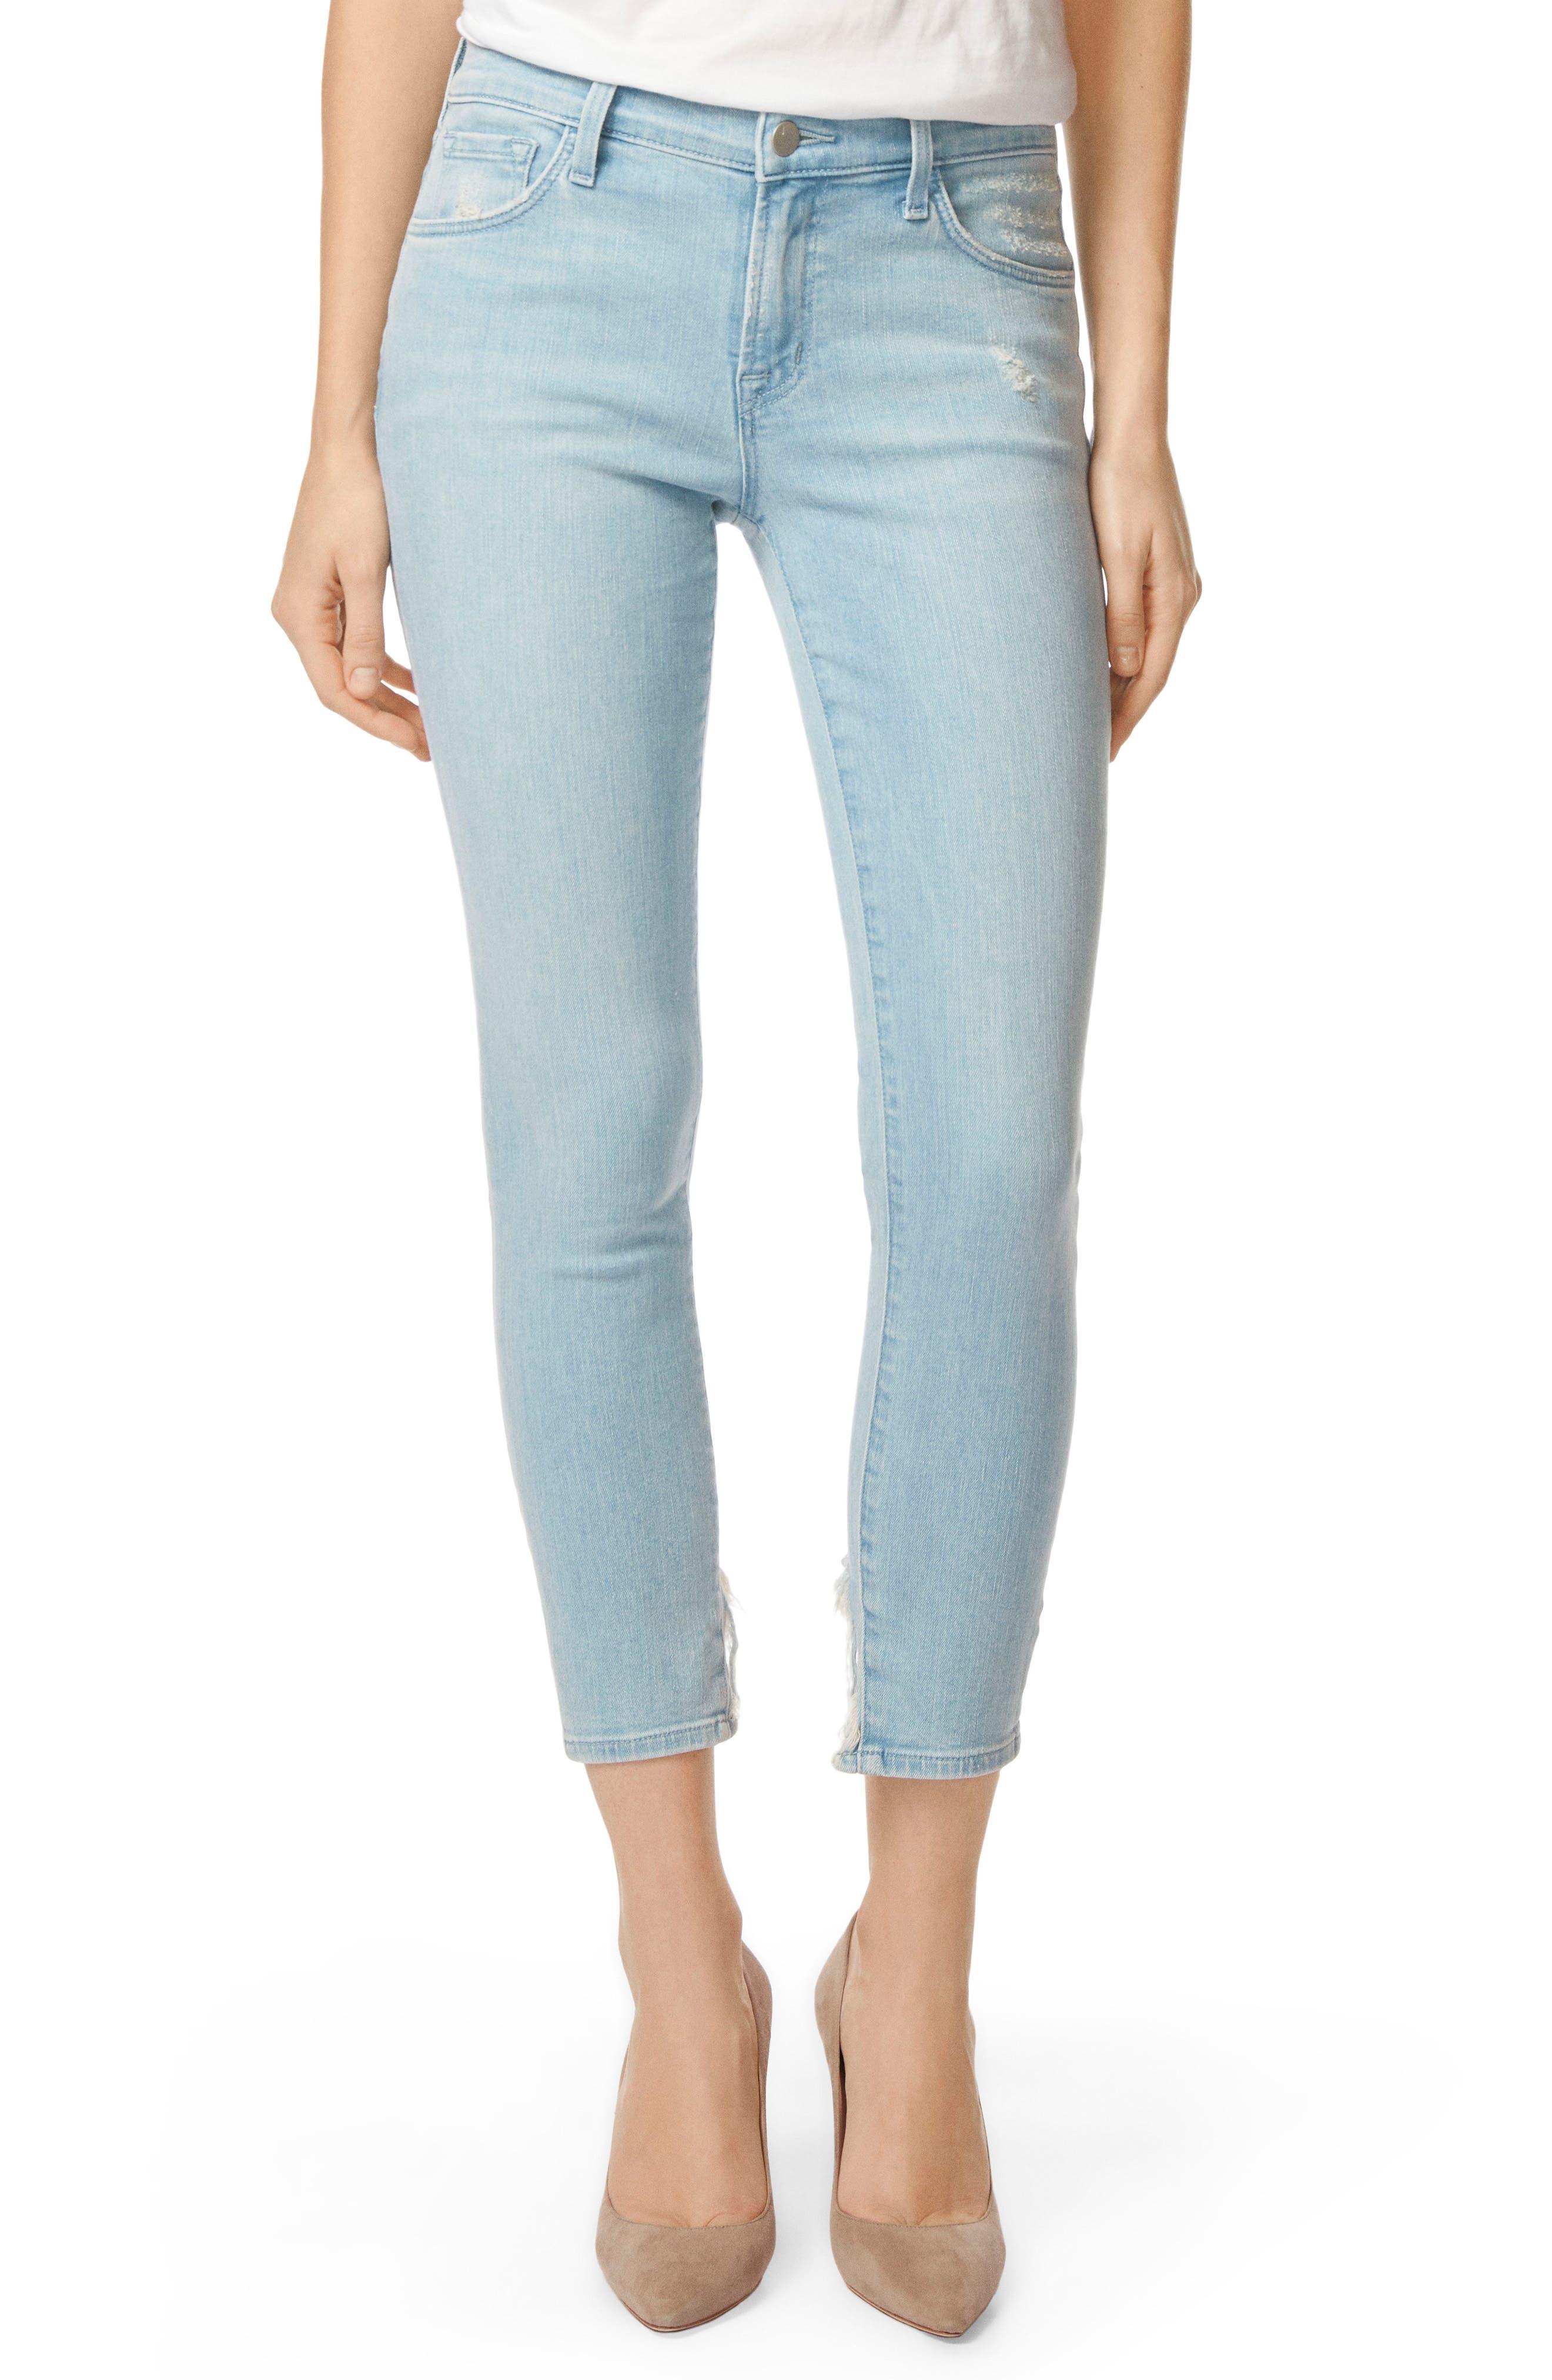 835 Capri Skinny Jeans,                         Main,                         color, 454